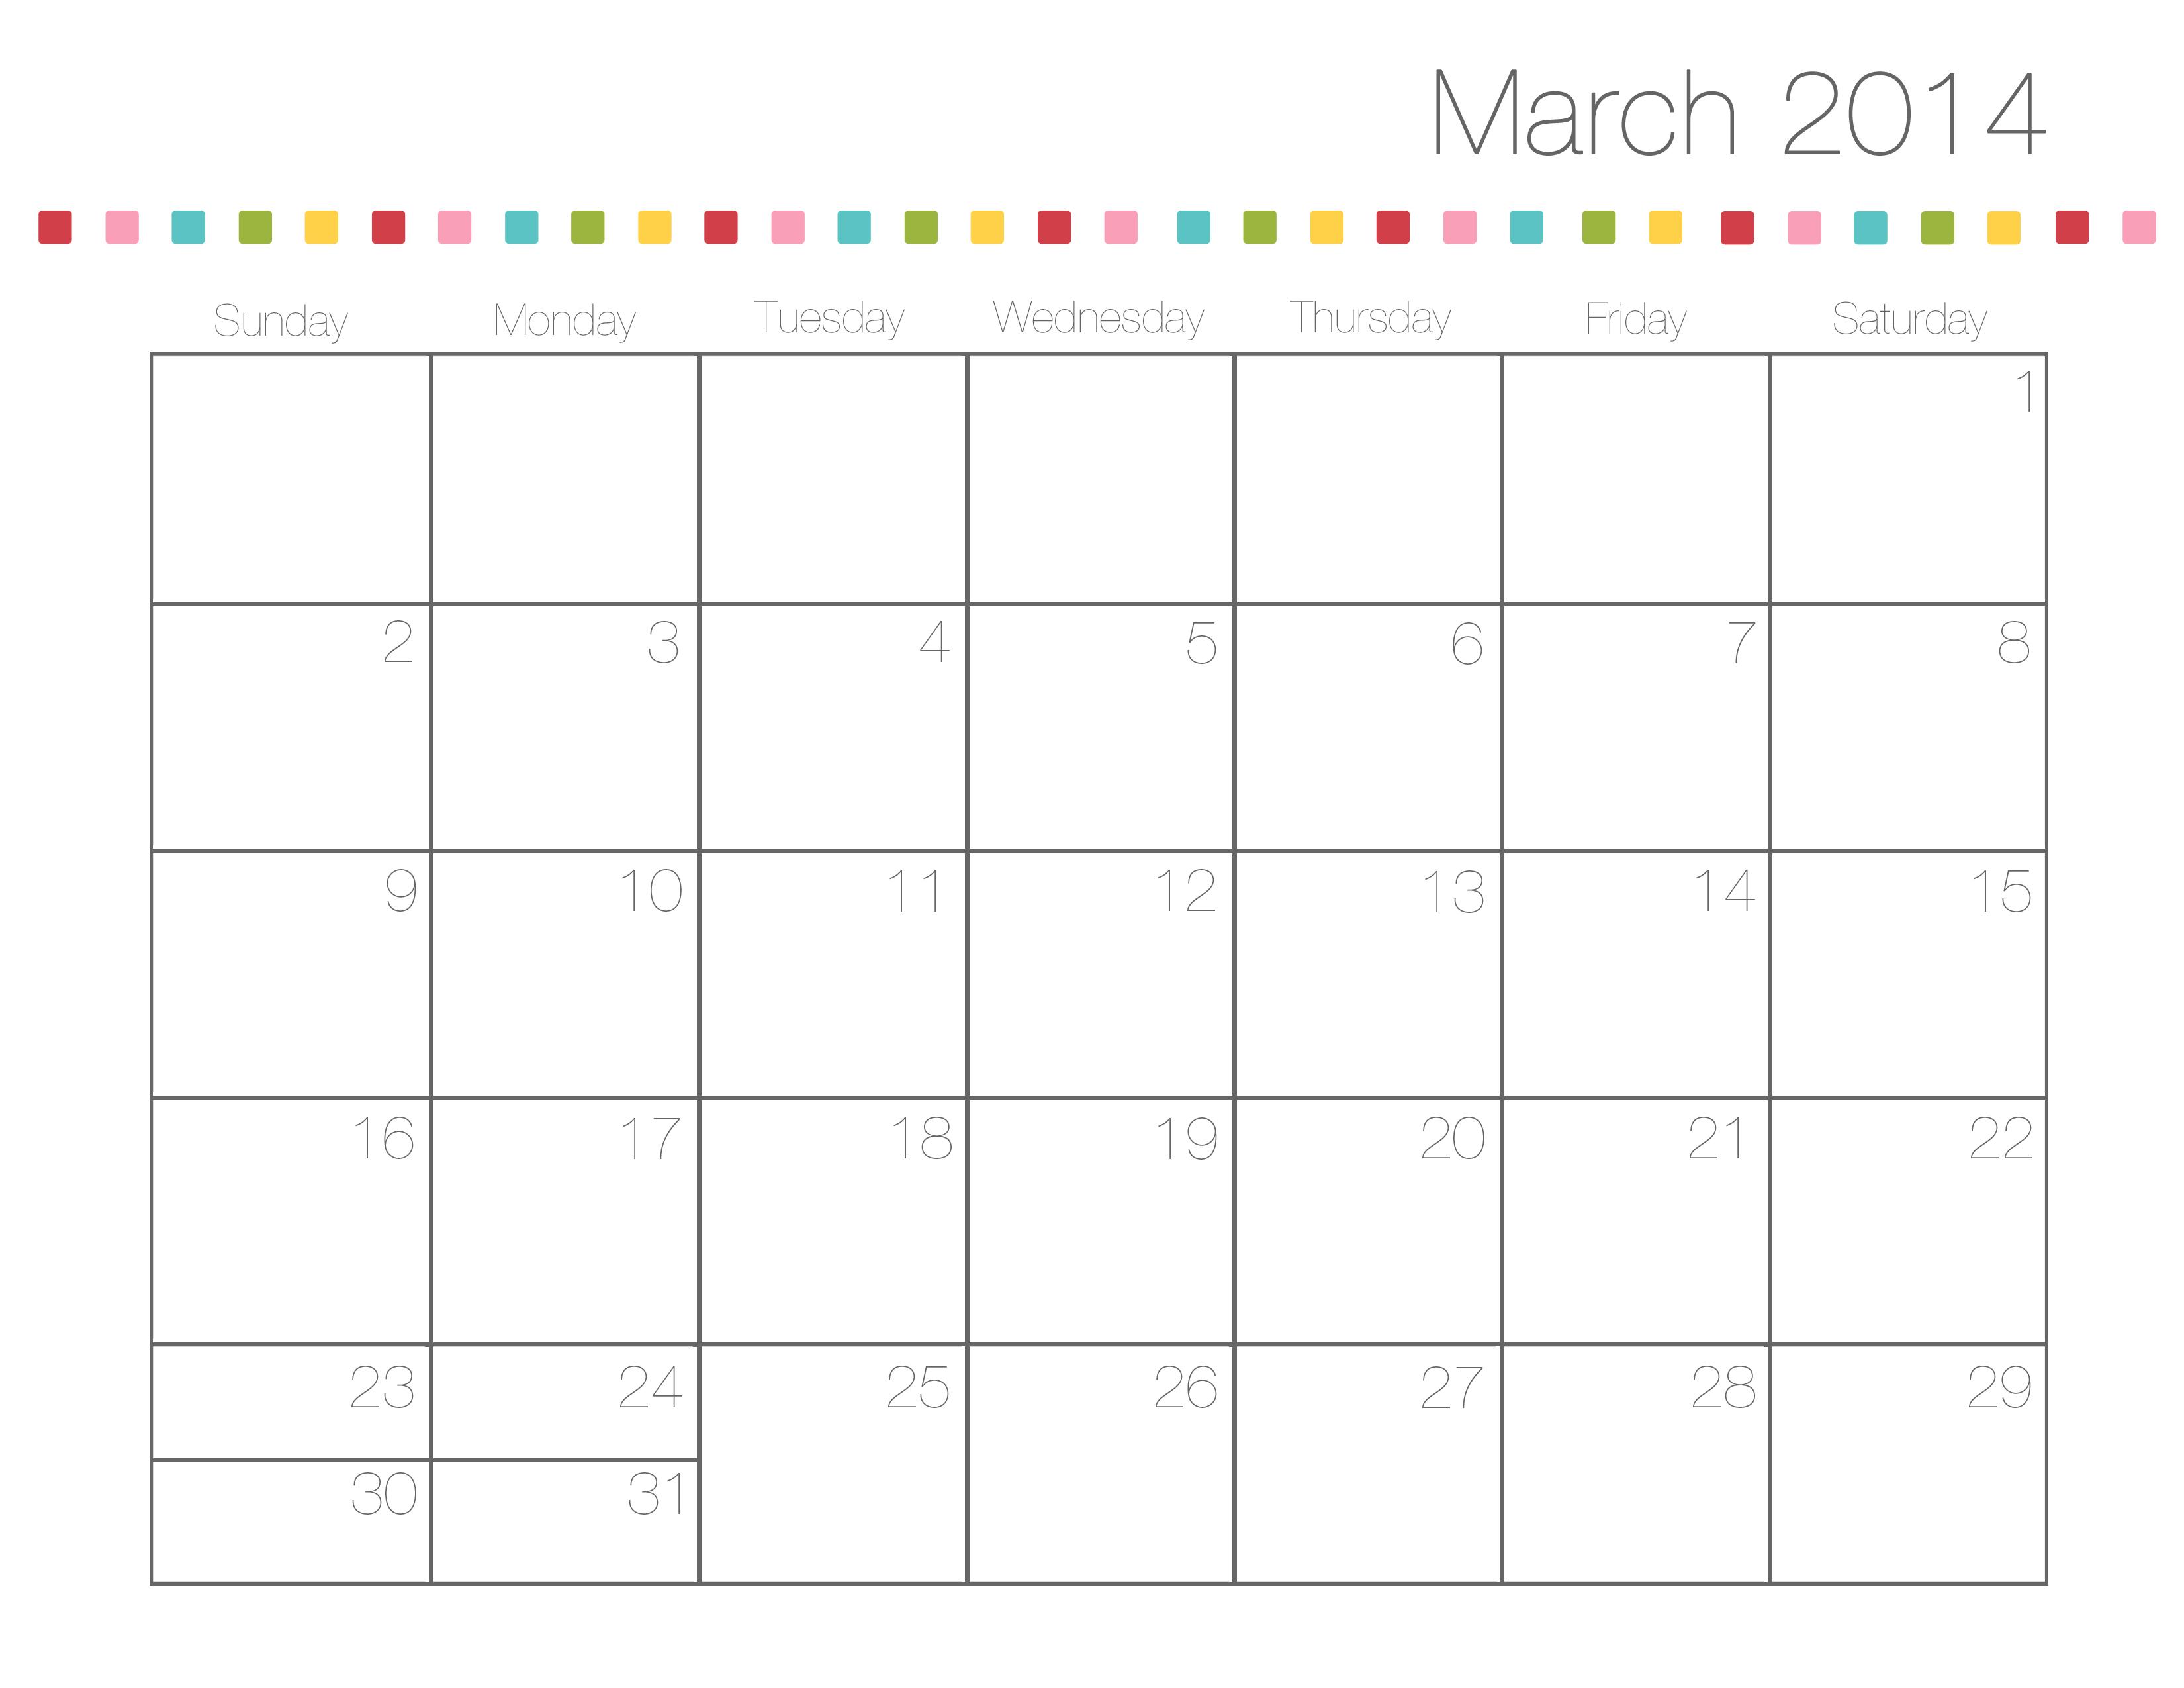 March April May 2014 Calendar Cute april 2014 calendar